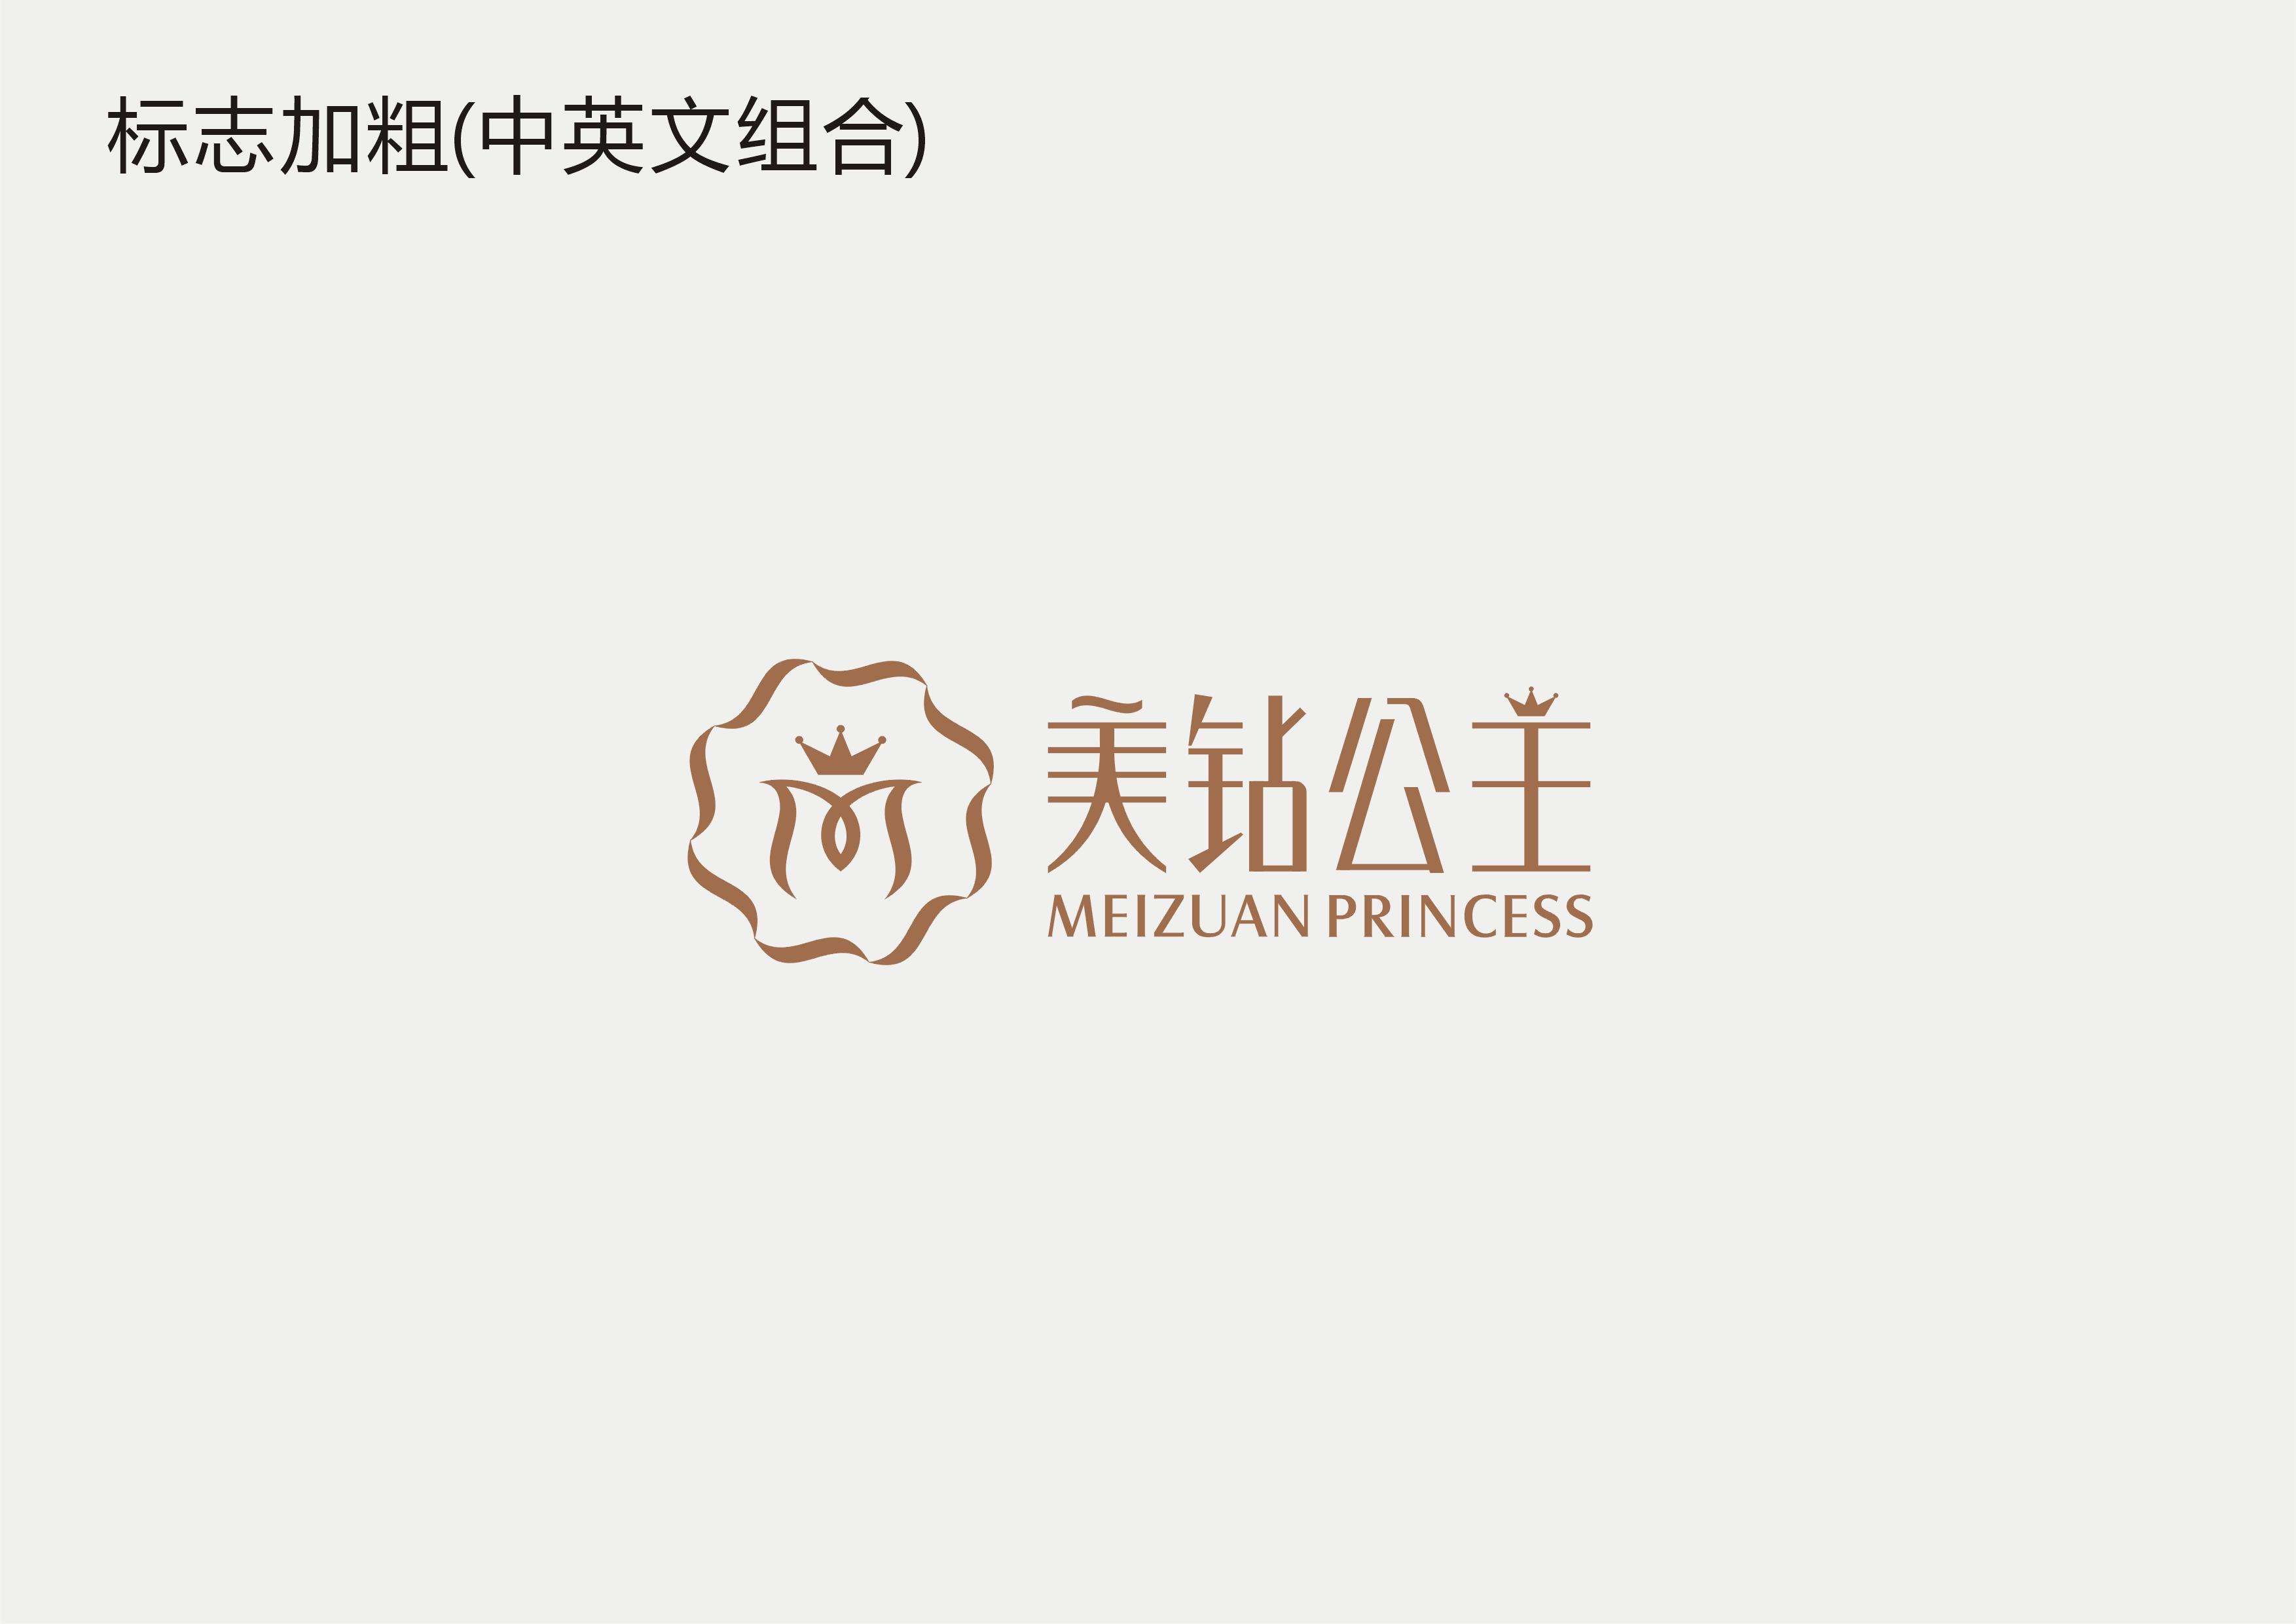 香港美钻公主珠宝有限公司